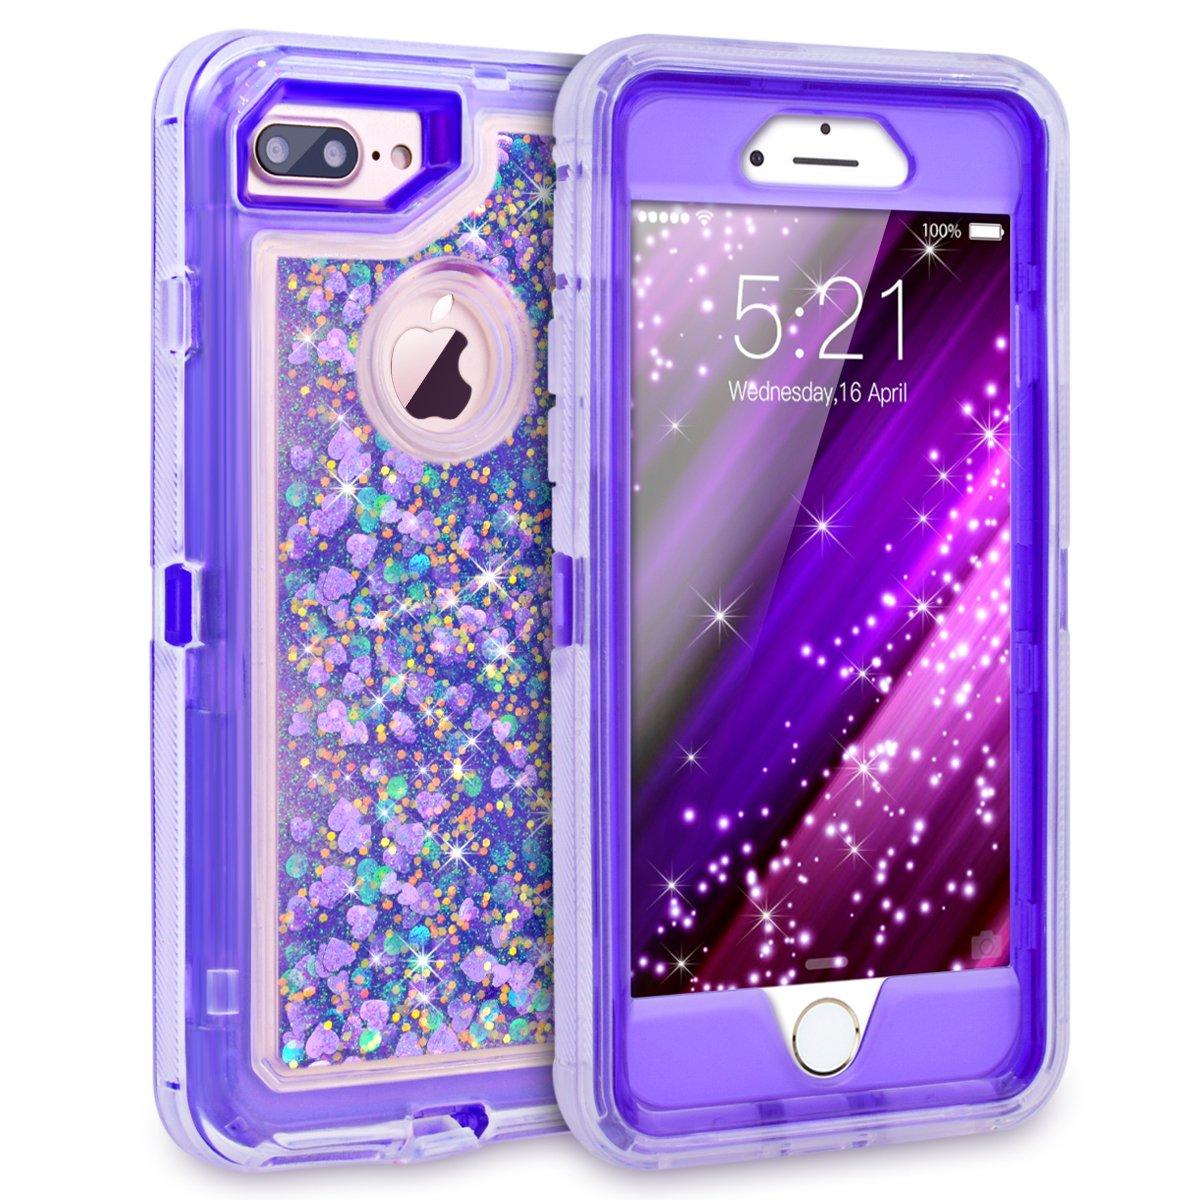 Galleon - IPhone 7 Plus Case, Dexnor Glitter 3D Bling Sparkle Flowing Liquid Case Transparent 3 ...